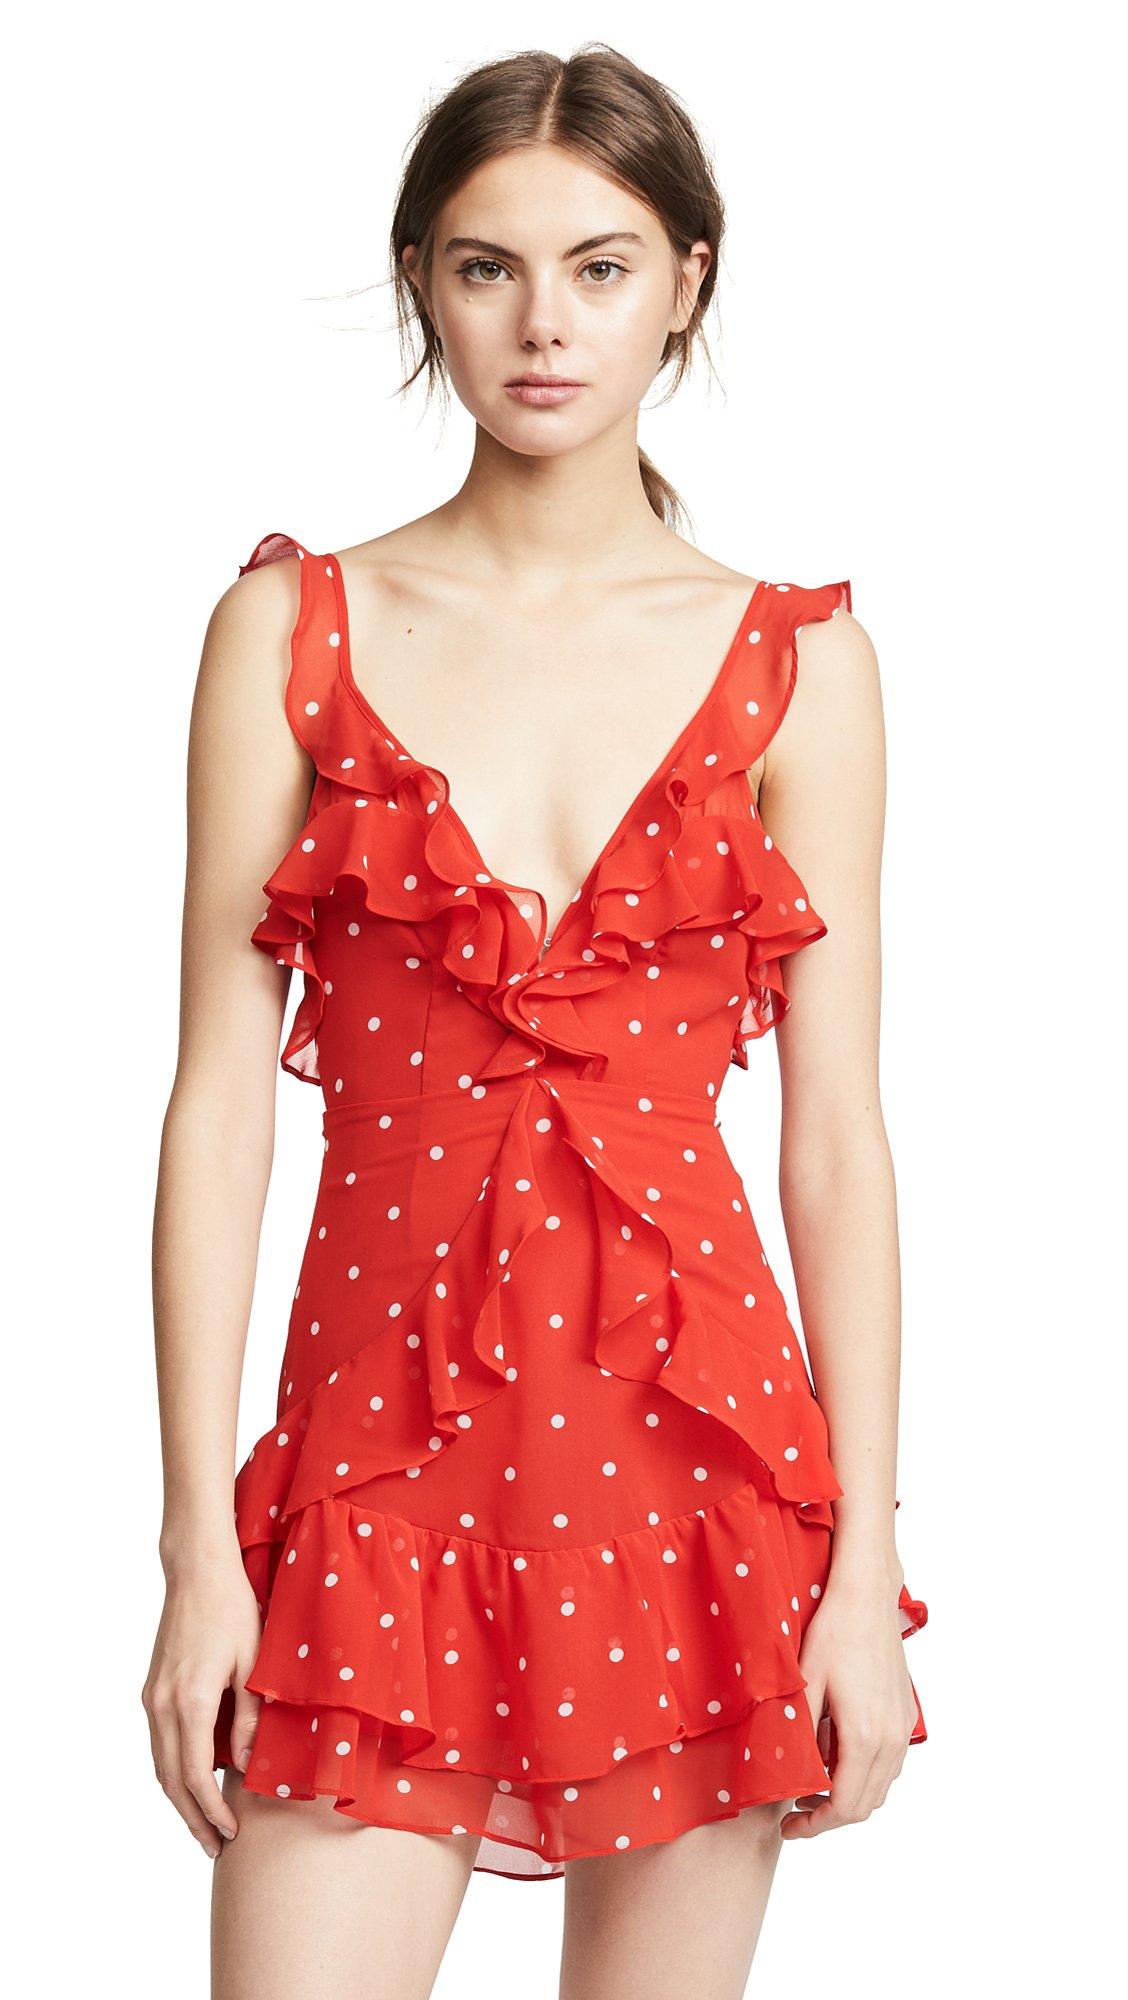 For Love & Lemons Women's Analisa Polka Dot Tank Dress, RedDot, S